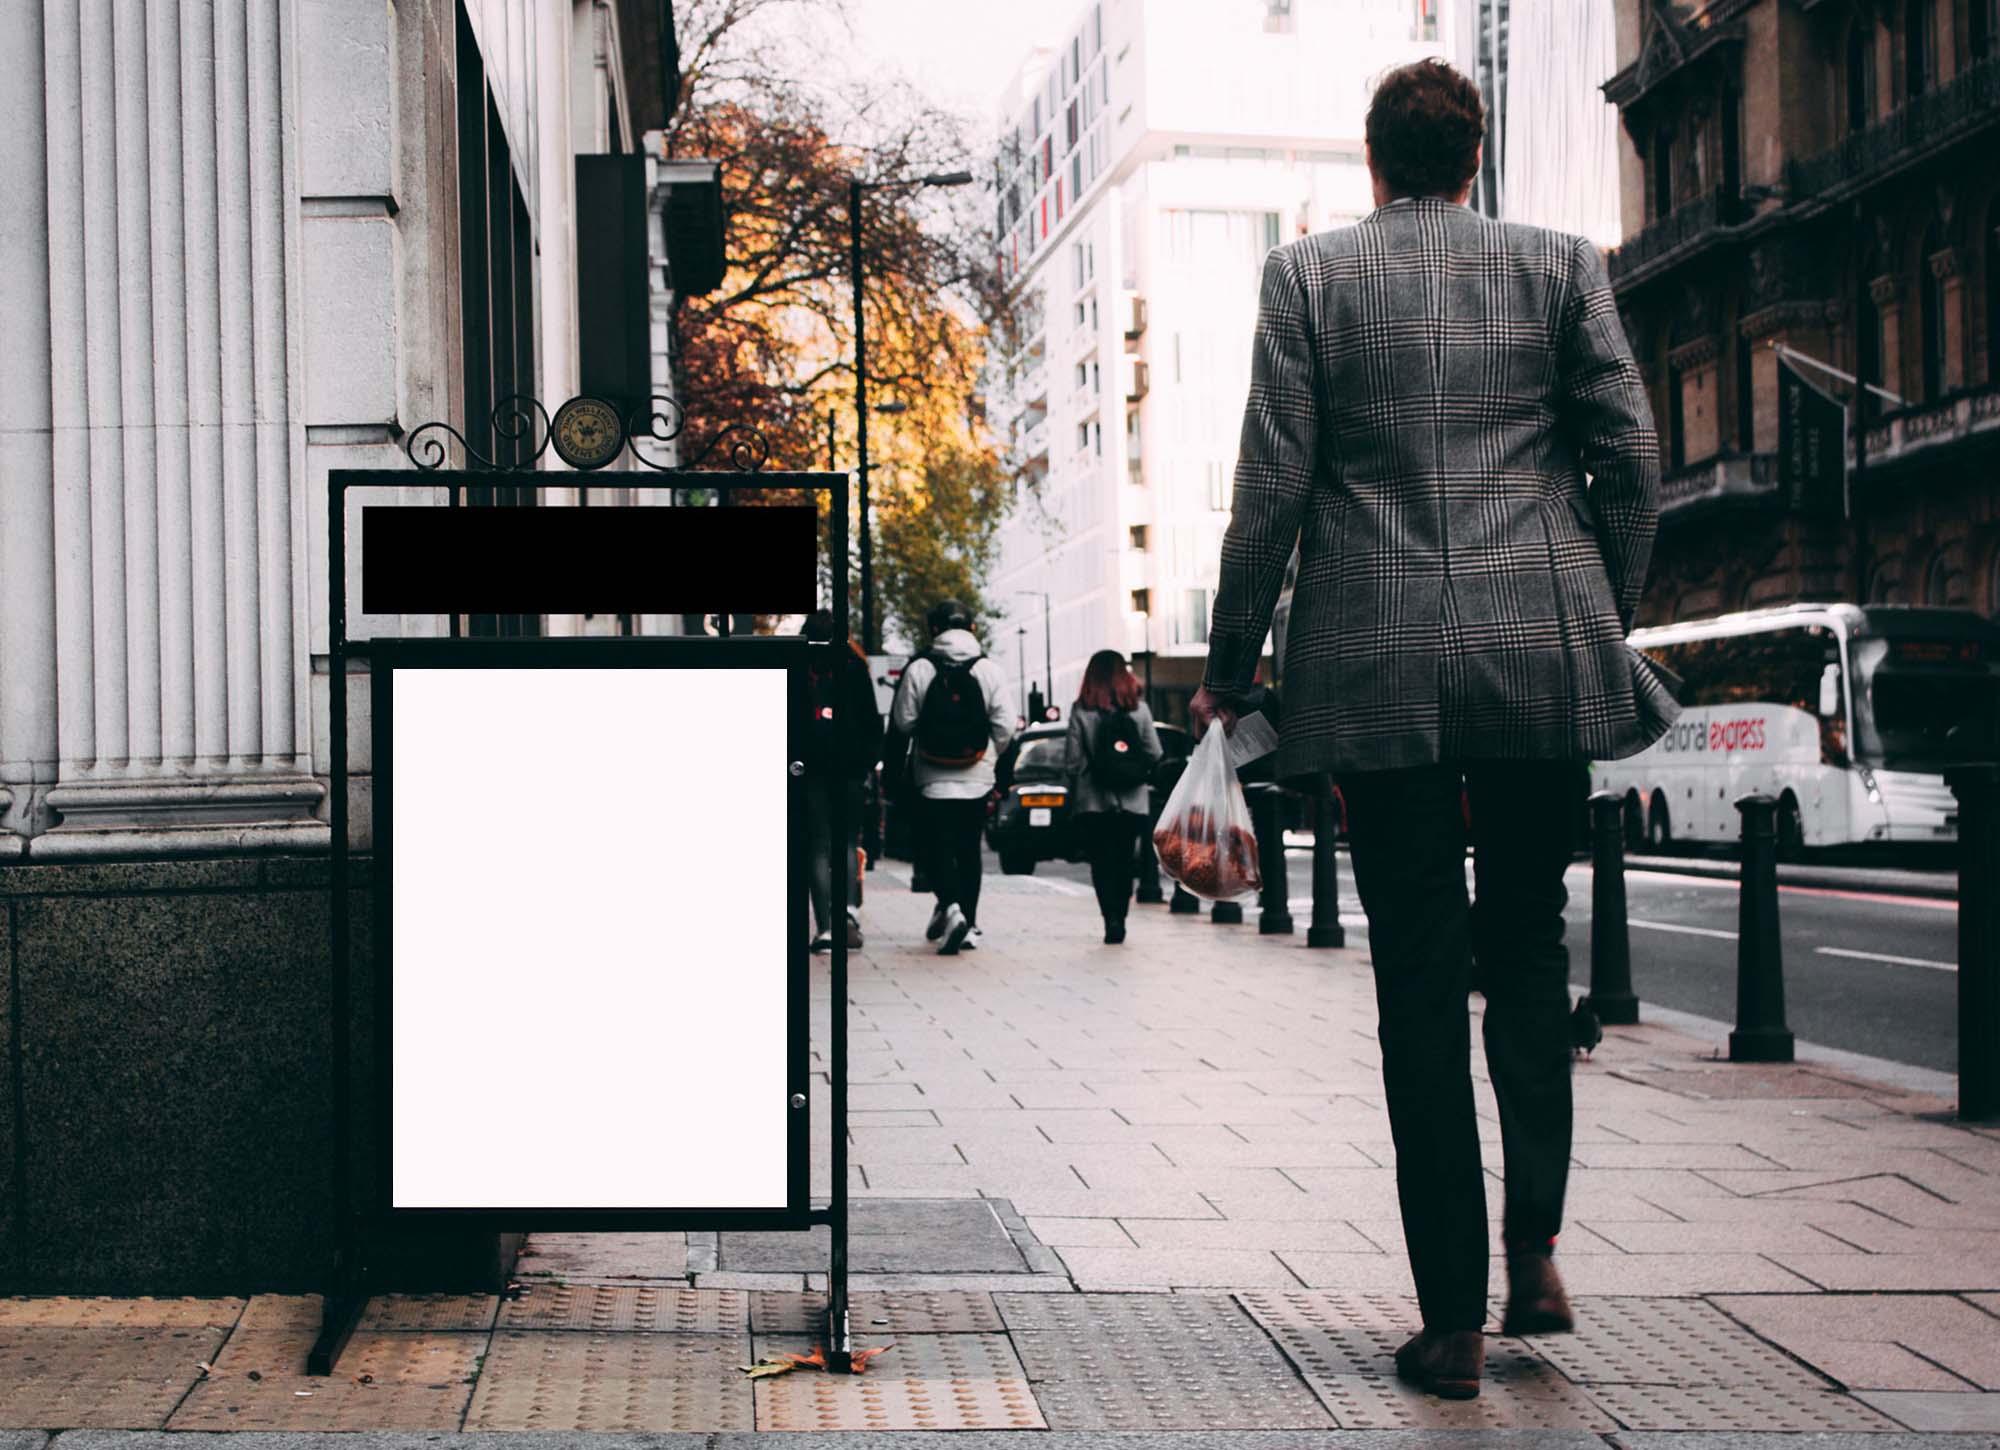 Street Poster Sign Mockup 2